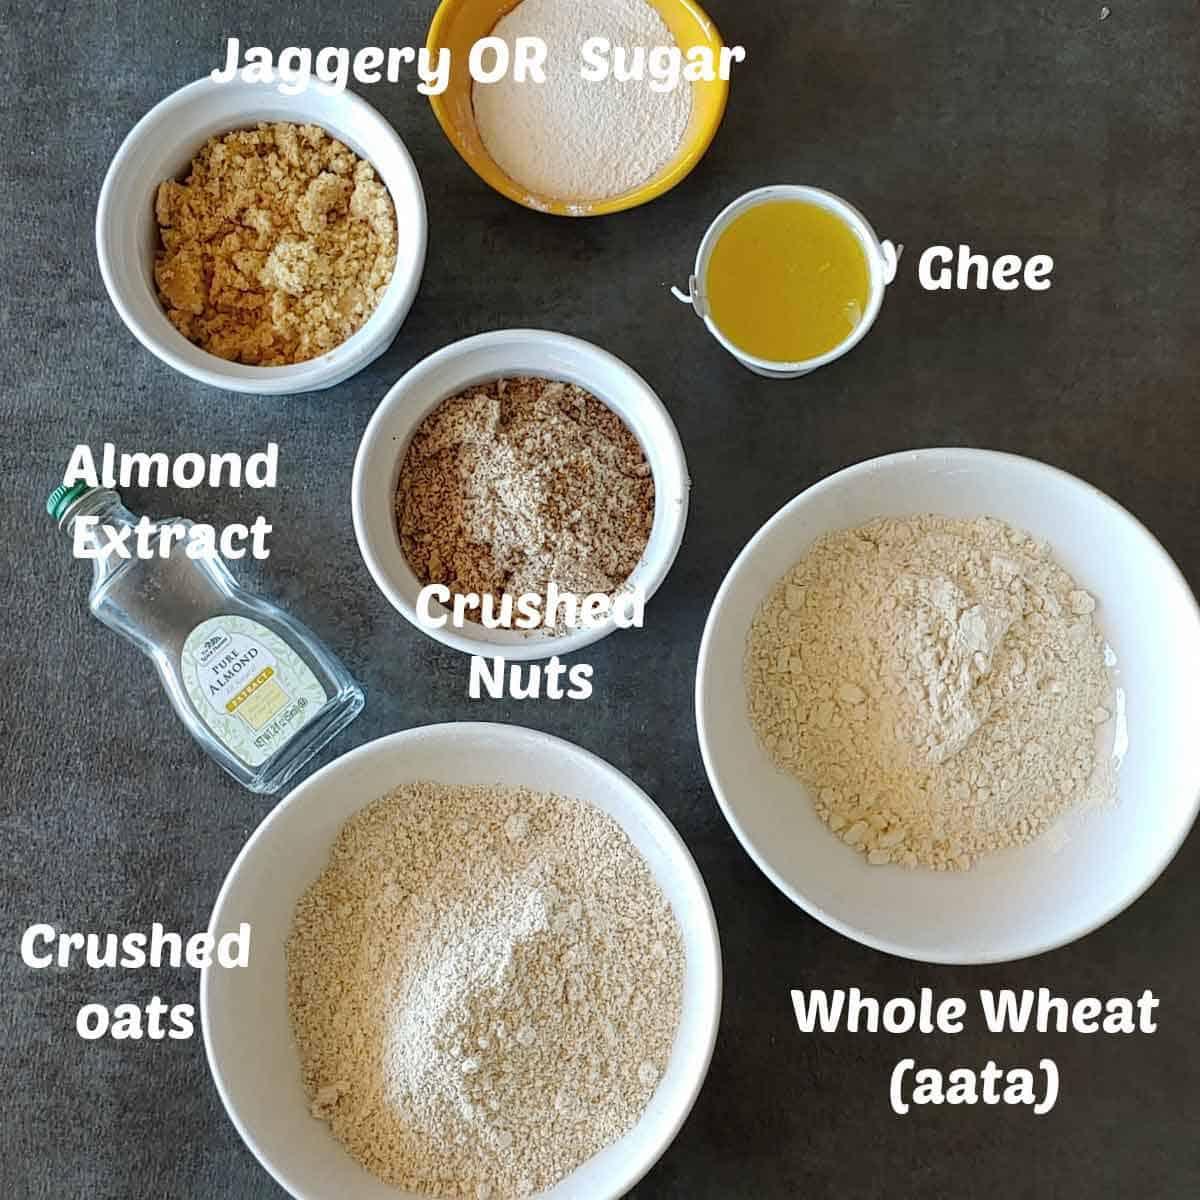 Pre-measured ingredients to make aata cookies